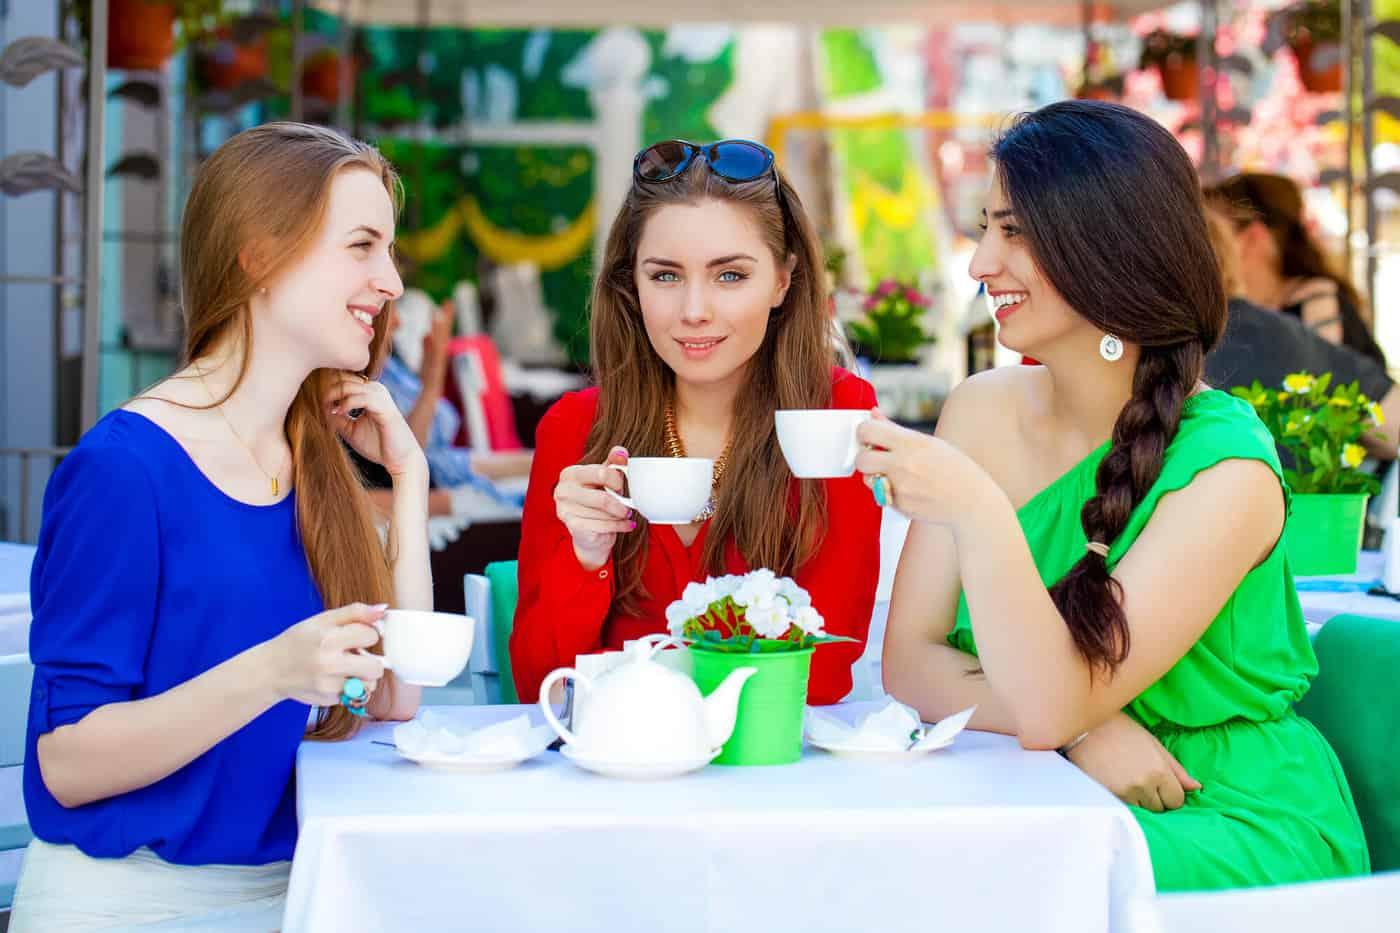 Three classy women having tea at a table